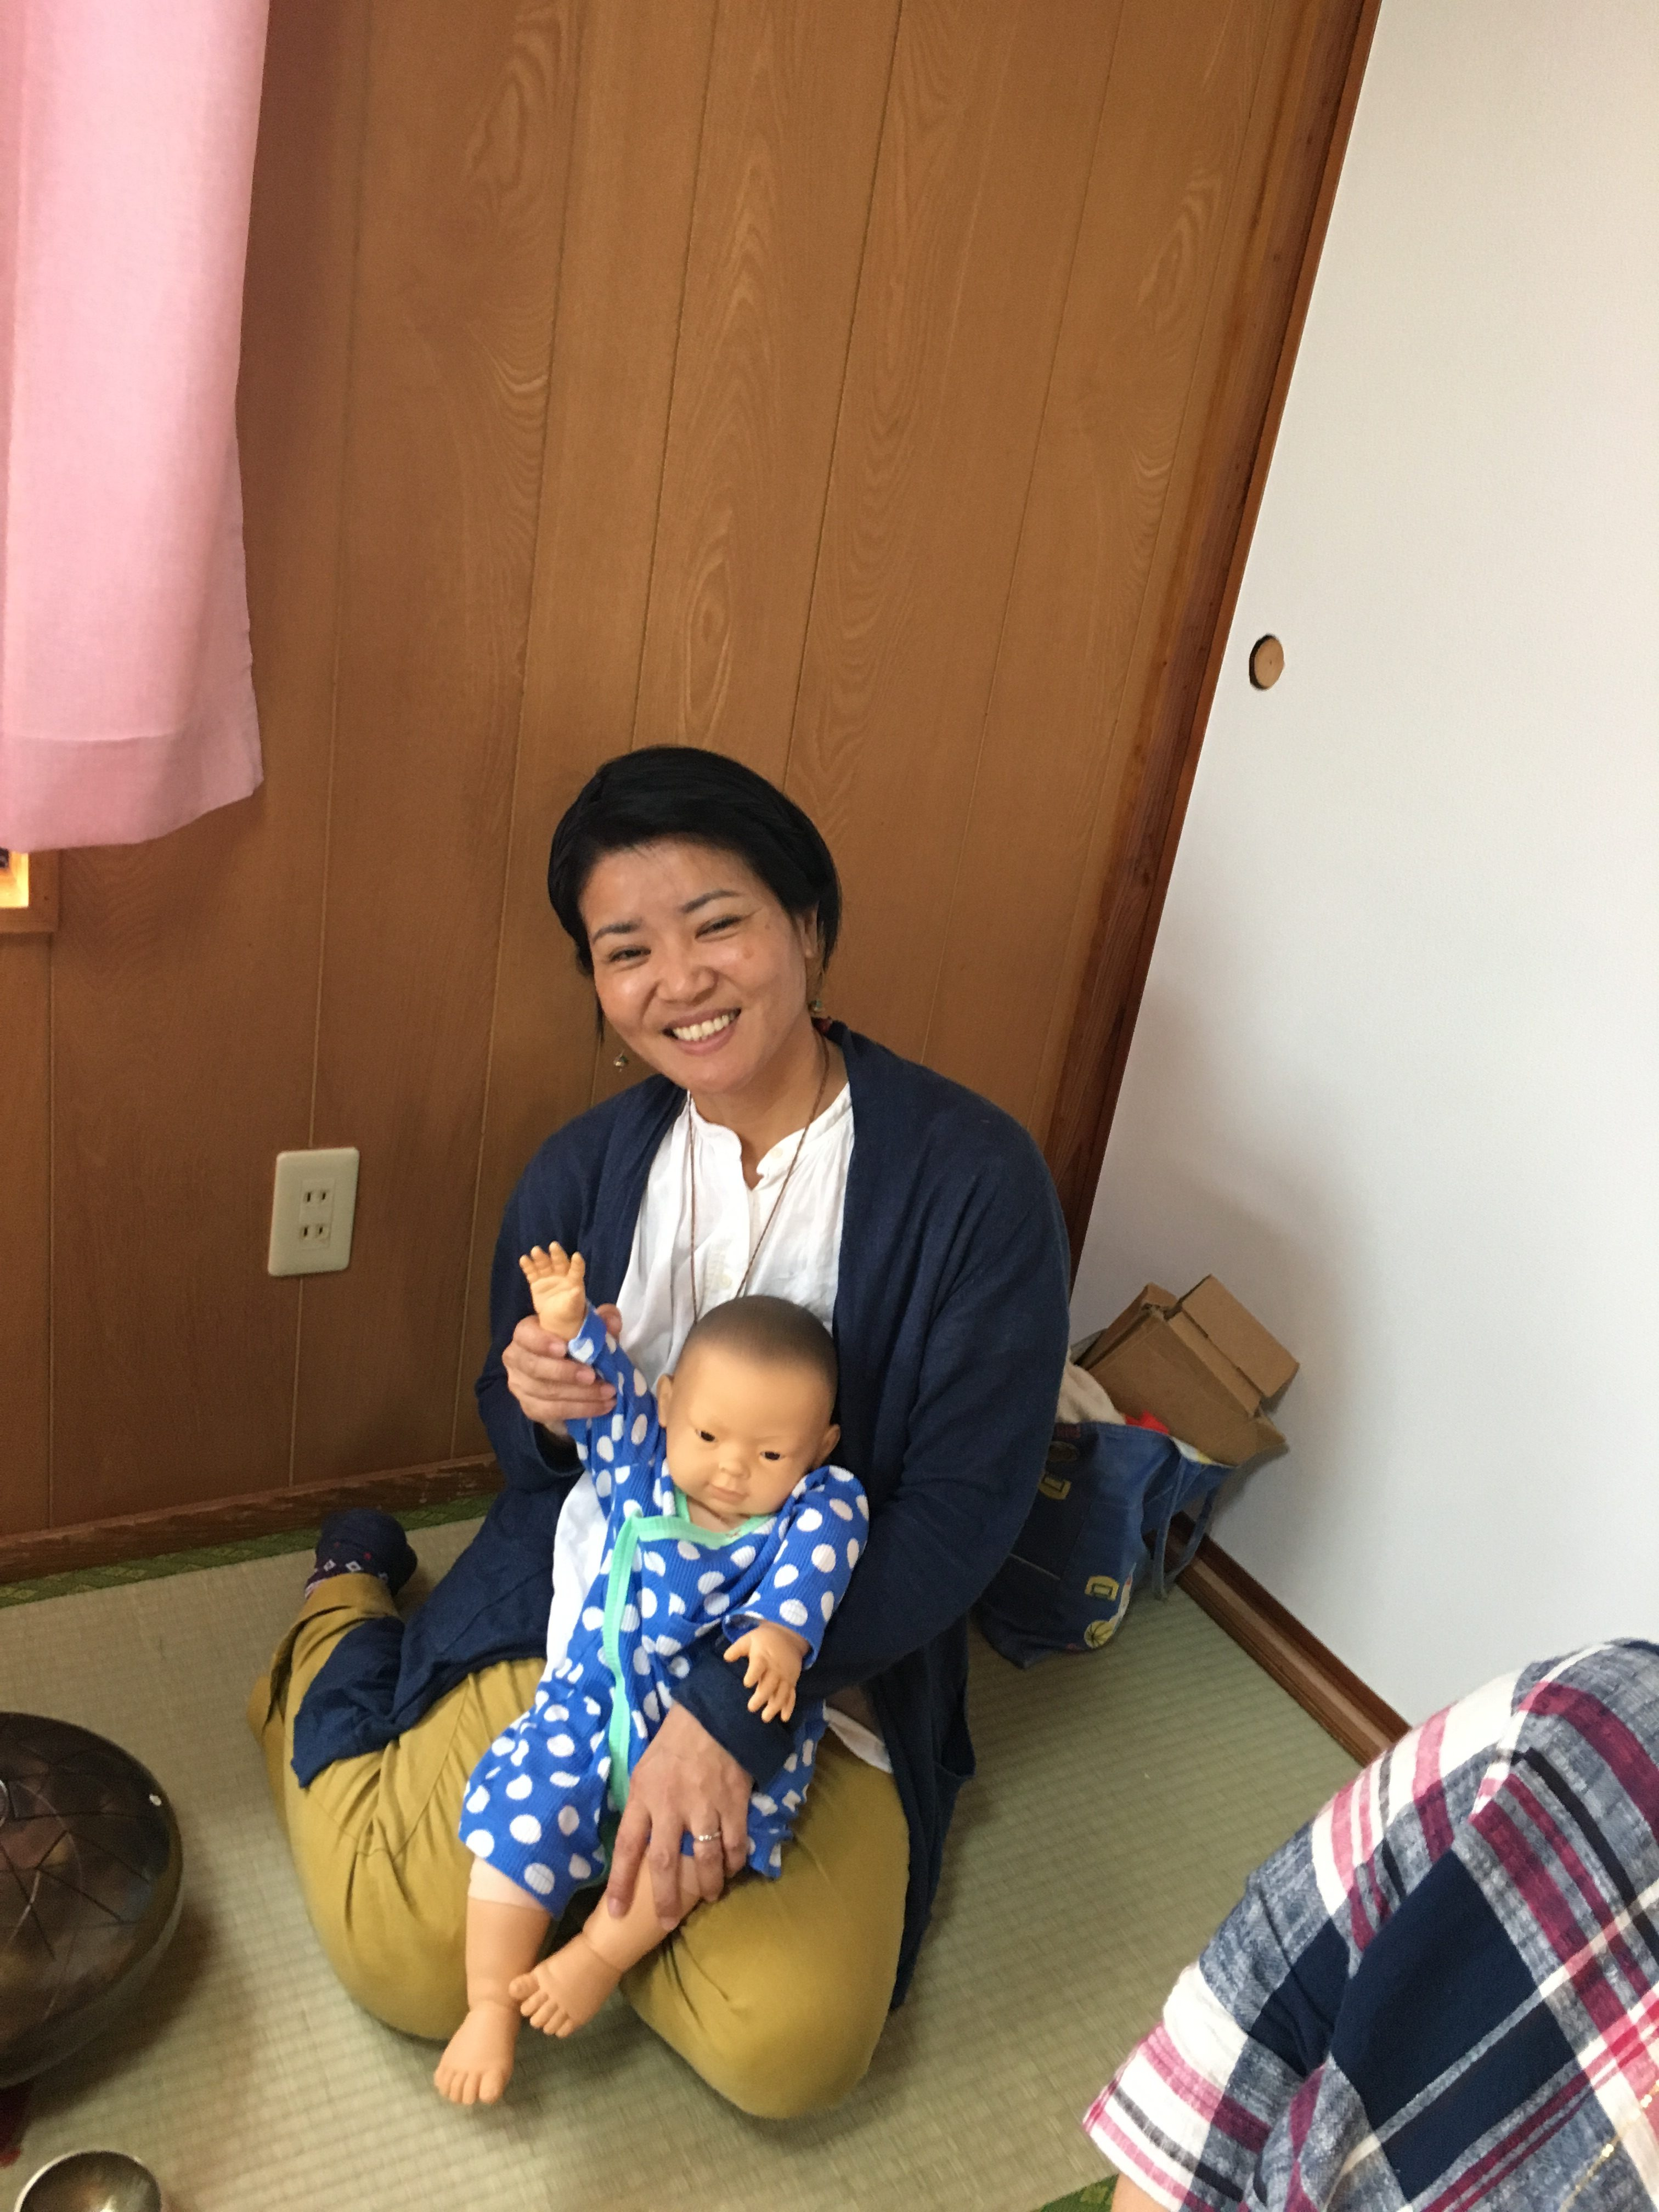 沖縄県、八重瀬町、音楽教室、ドレミハウス